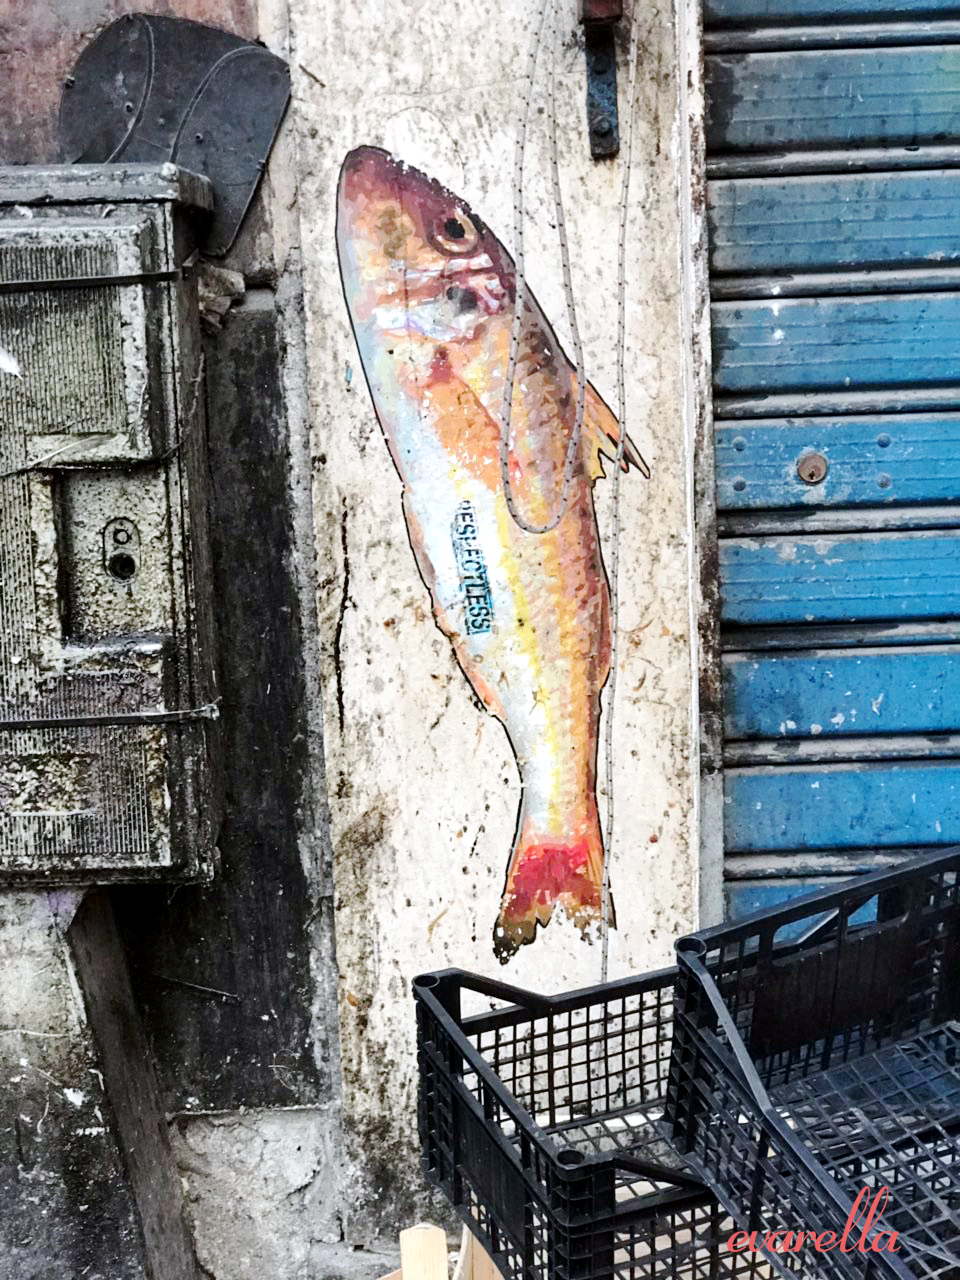 streetart palermo vucceria fisch2